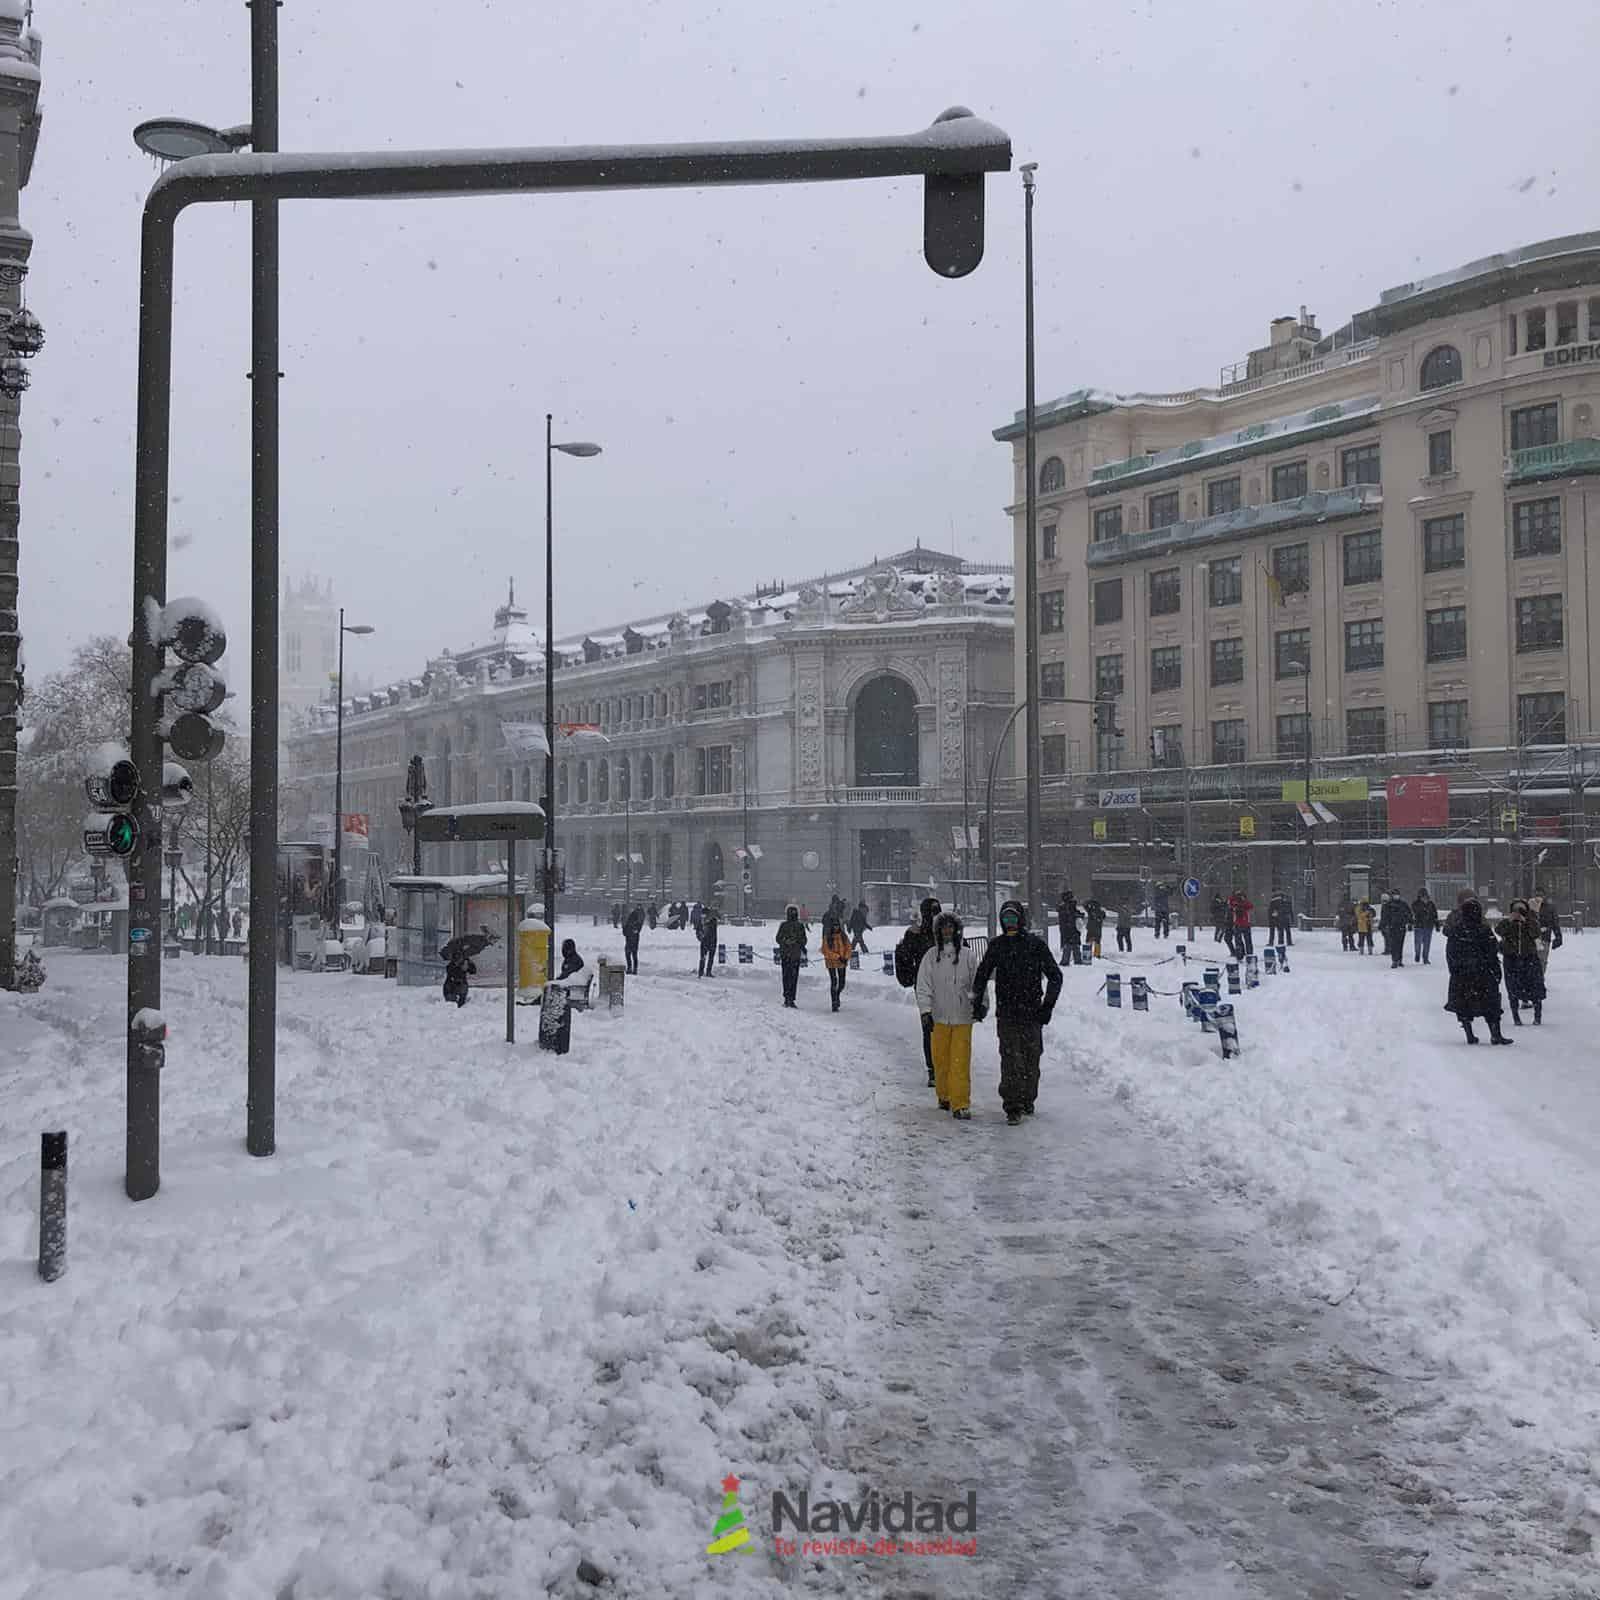 Fotografías de la nevada de enero en Madrid (España) 106